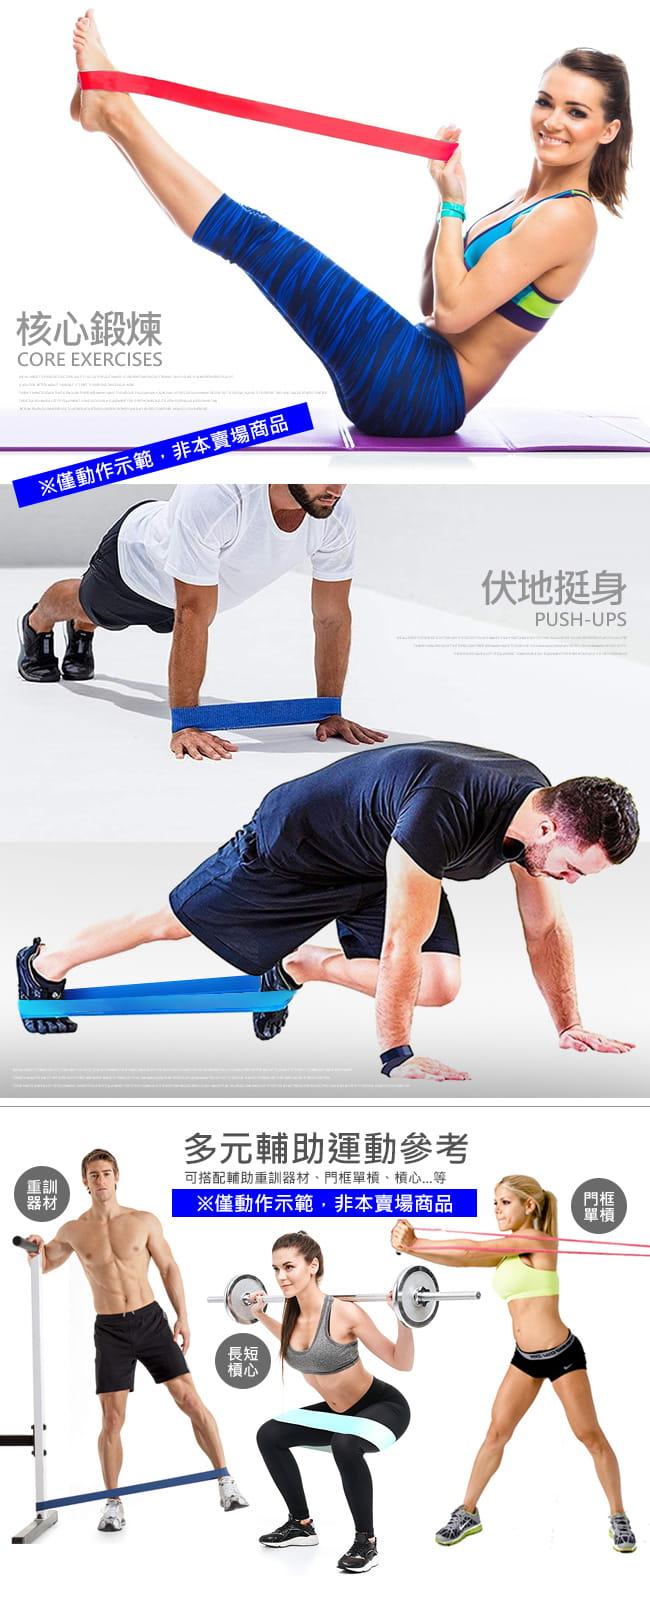 棉質防滑環狀彈力帶(加厚不捲邊) 翹臀圈乳膠阻力繩拉筋阻力帶 8